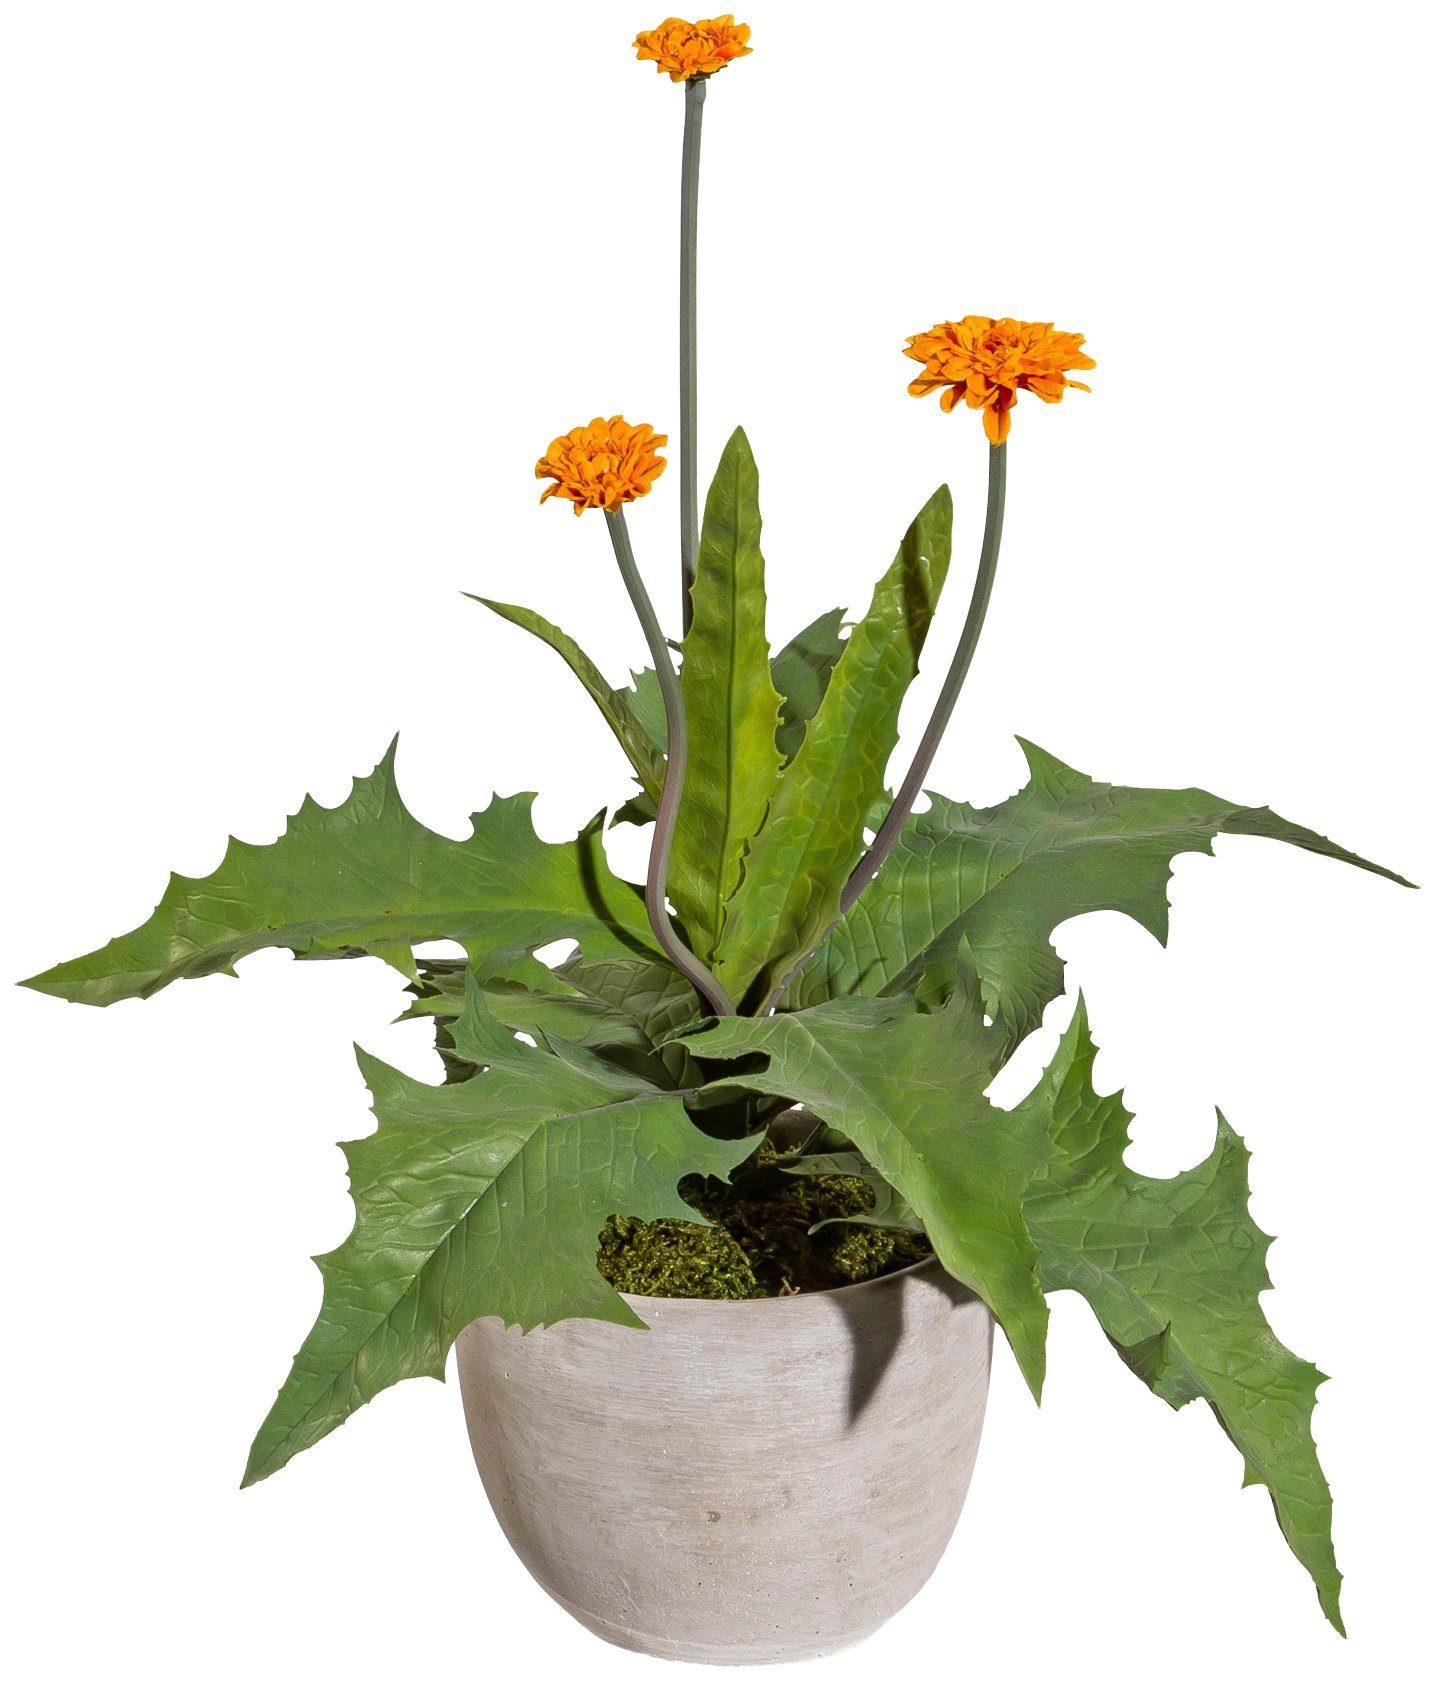 Kunstpflanze »Dahlienpflanze«, im Zementtopf mit Moos, Höhe 35 cm, orange